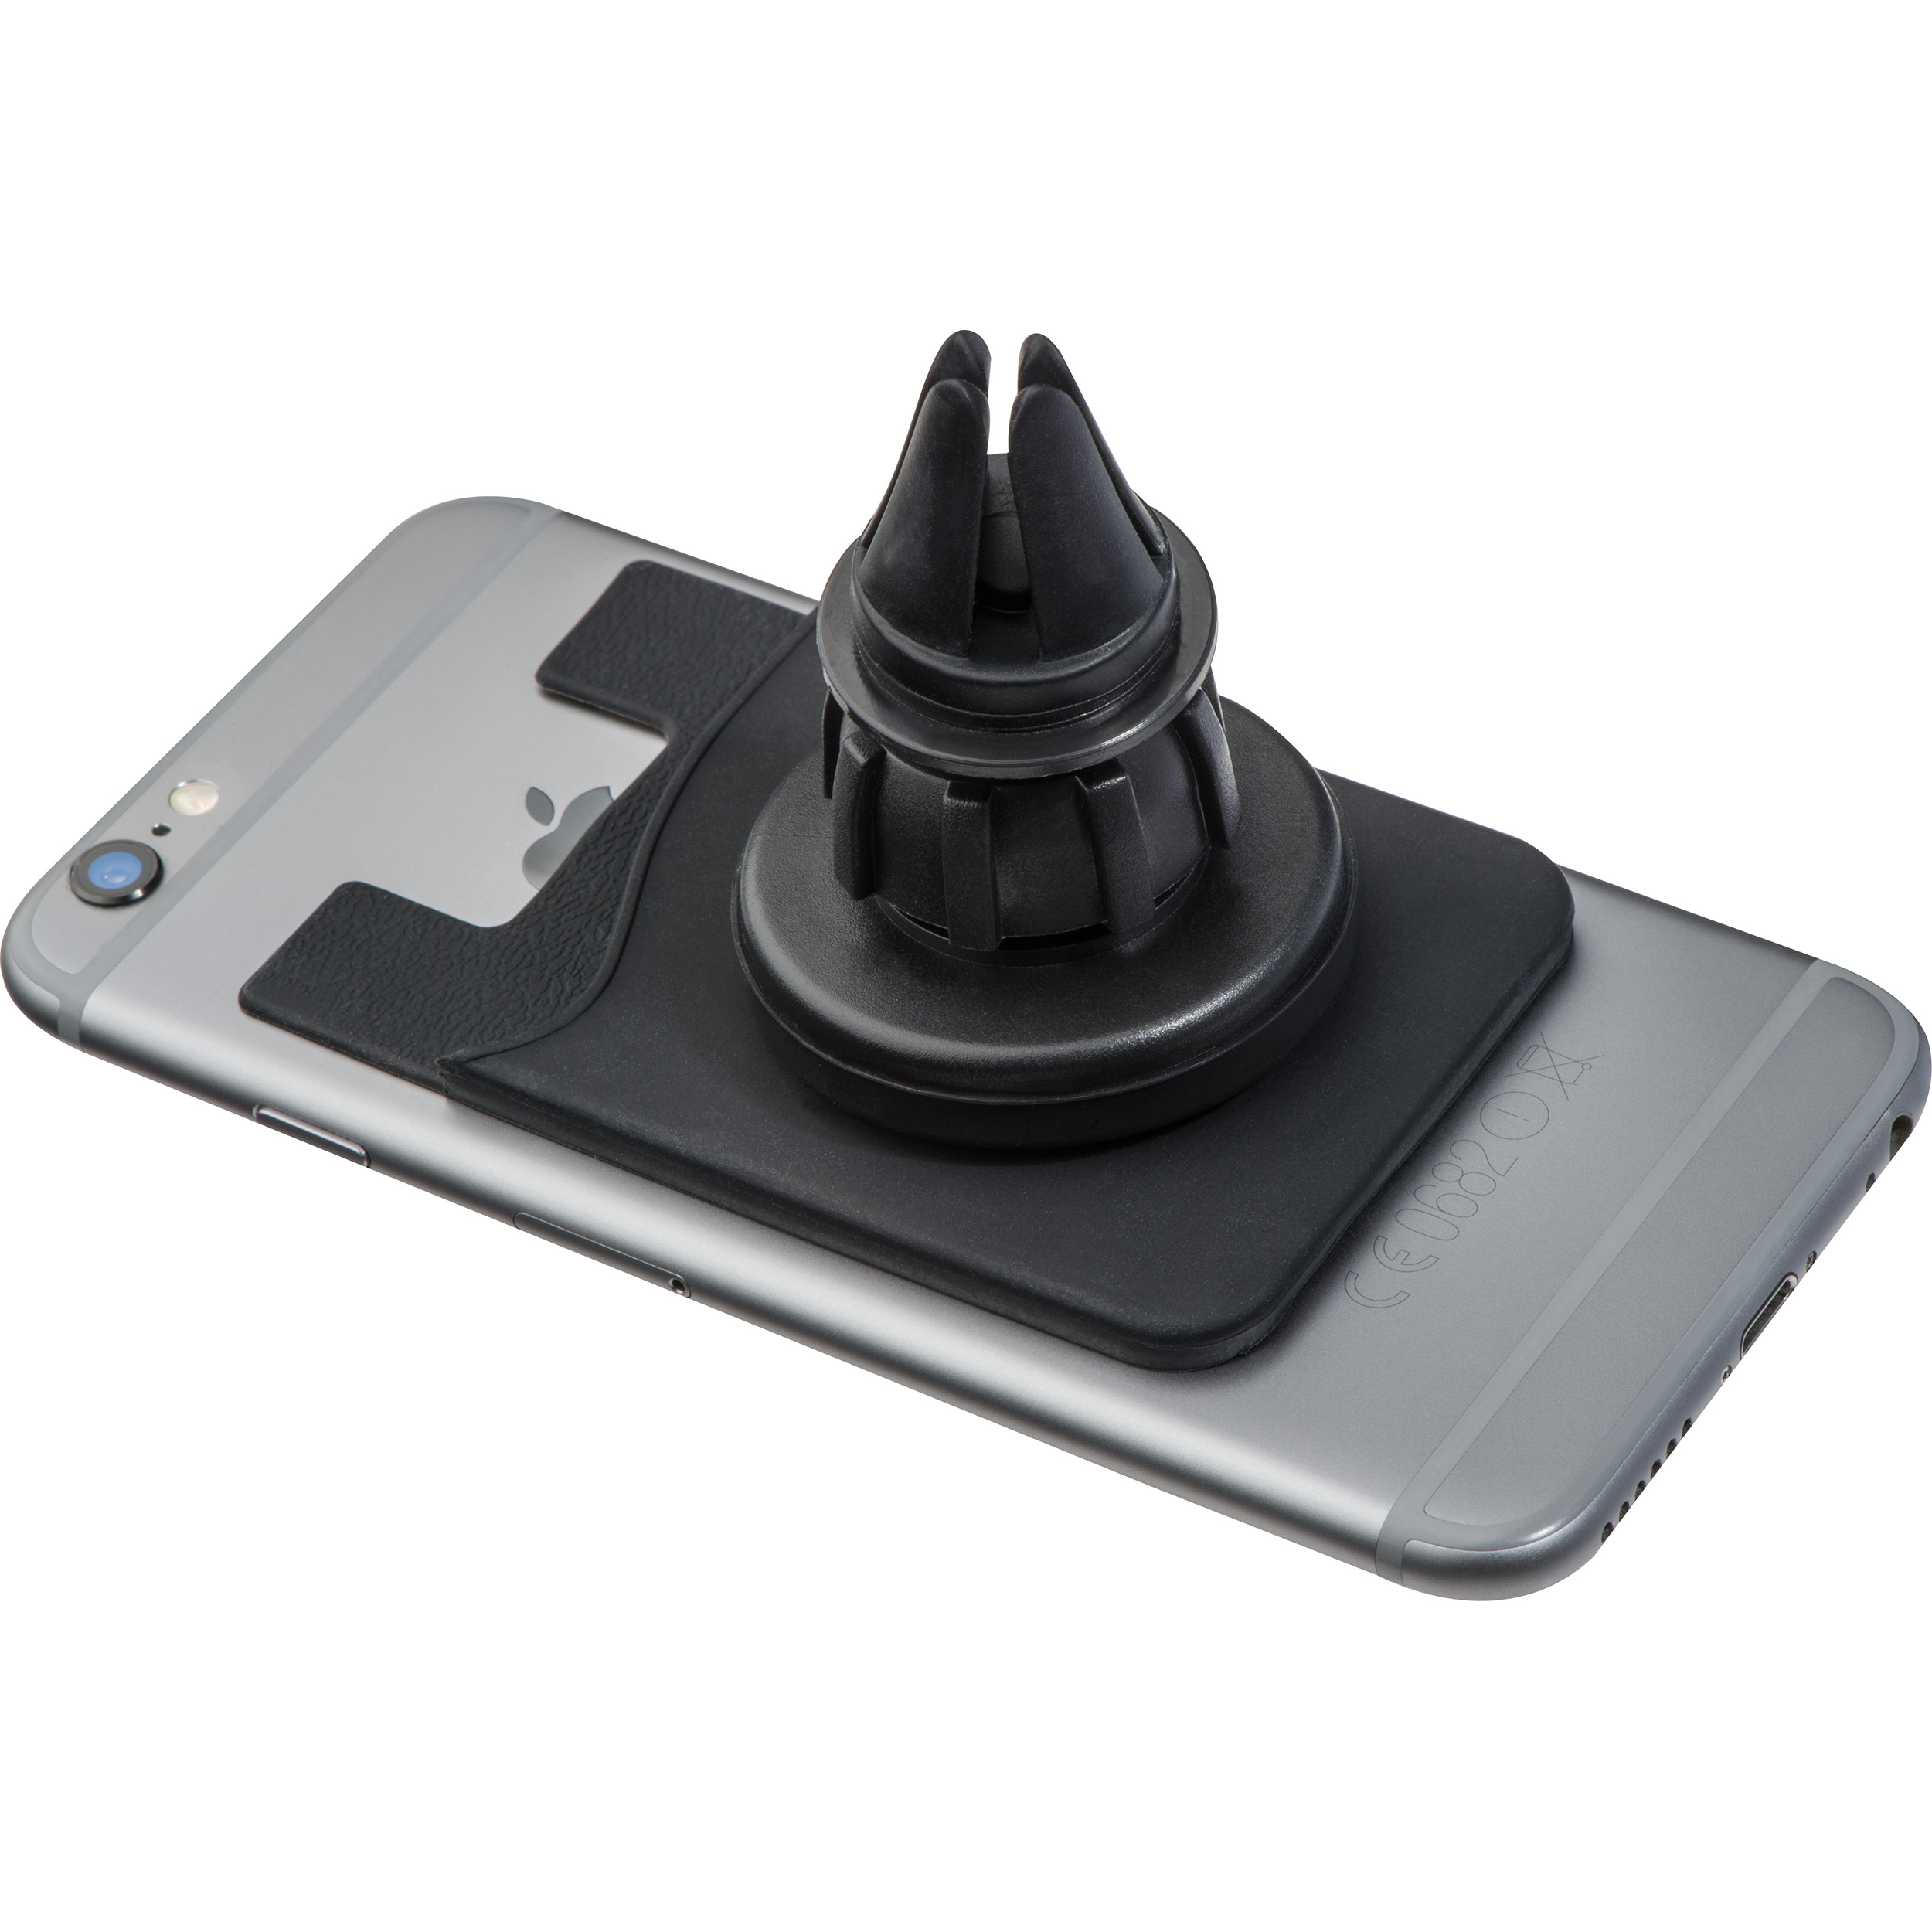 Smartphonehalter aus Silikon mit magnetischer Halterung